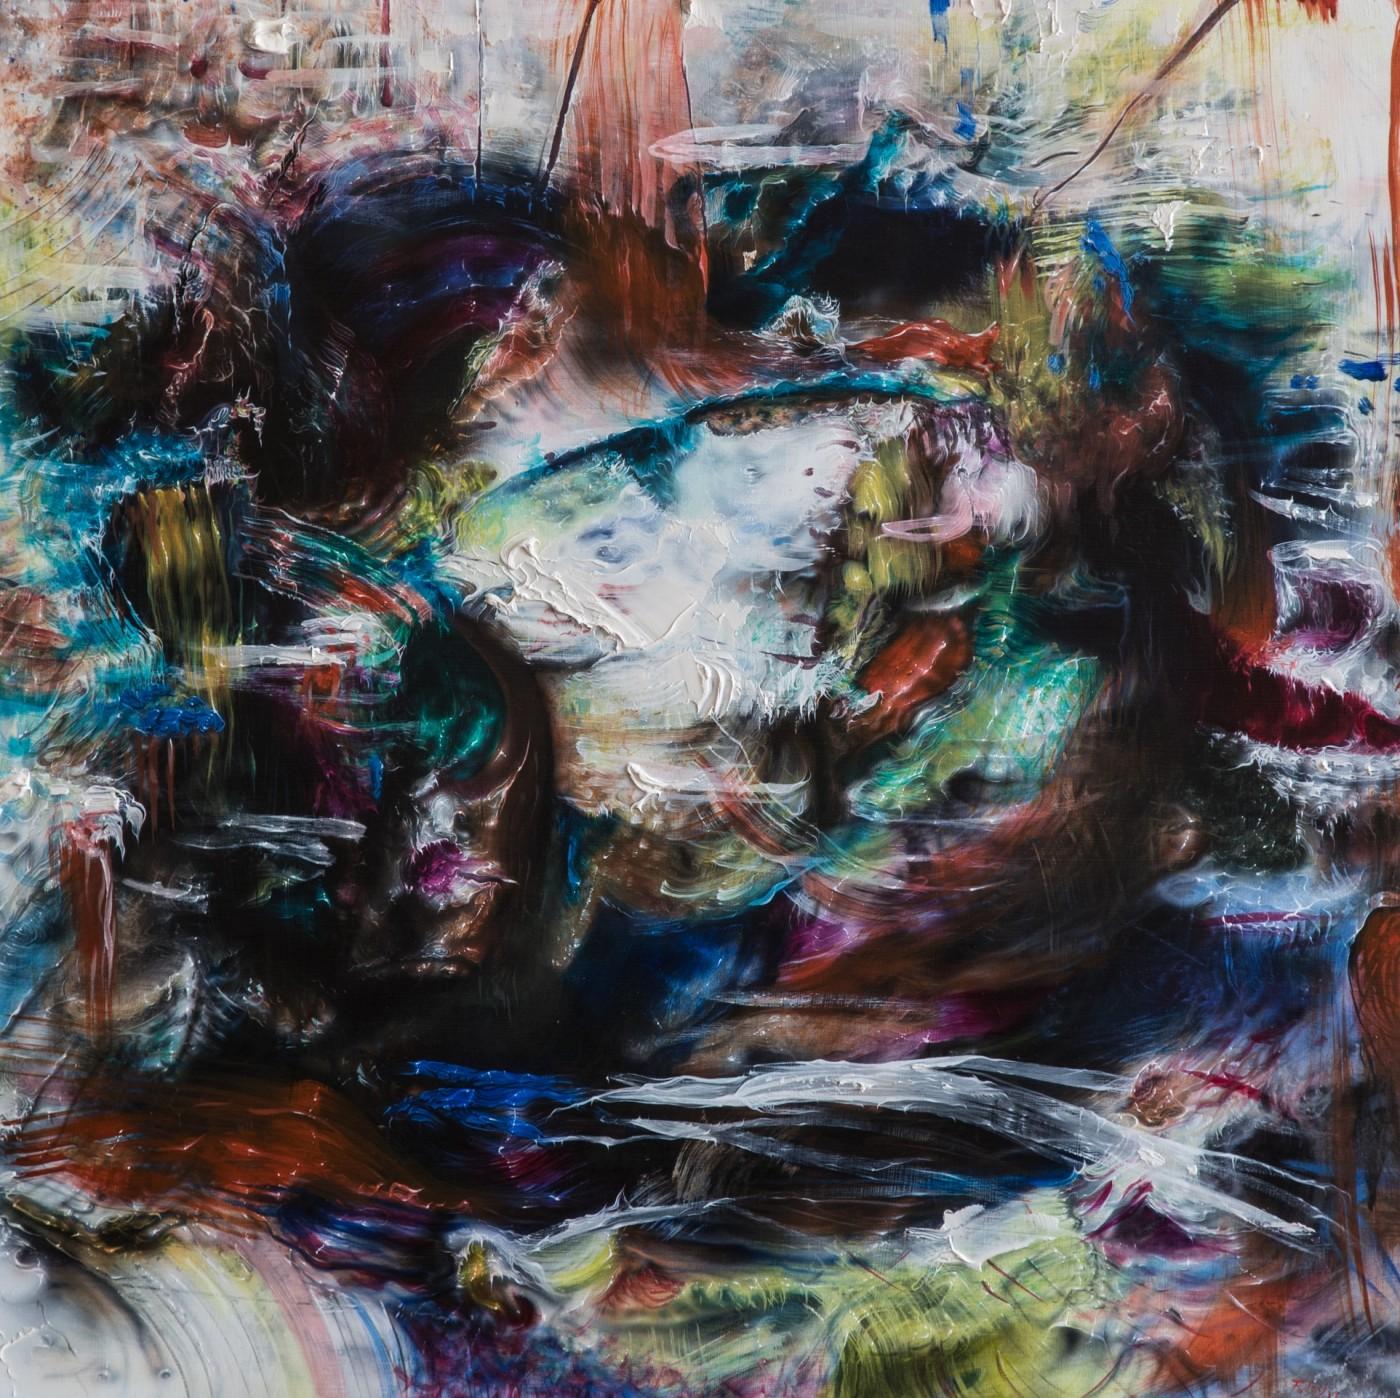 Josh Foley - Despard Gallery